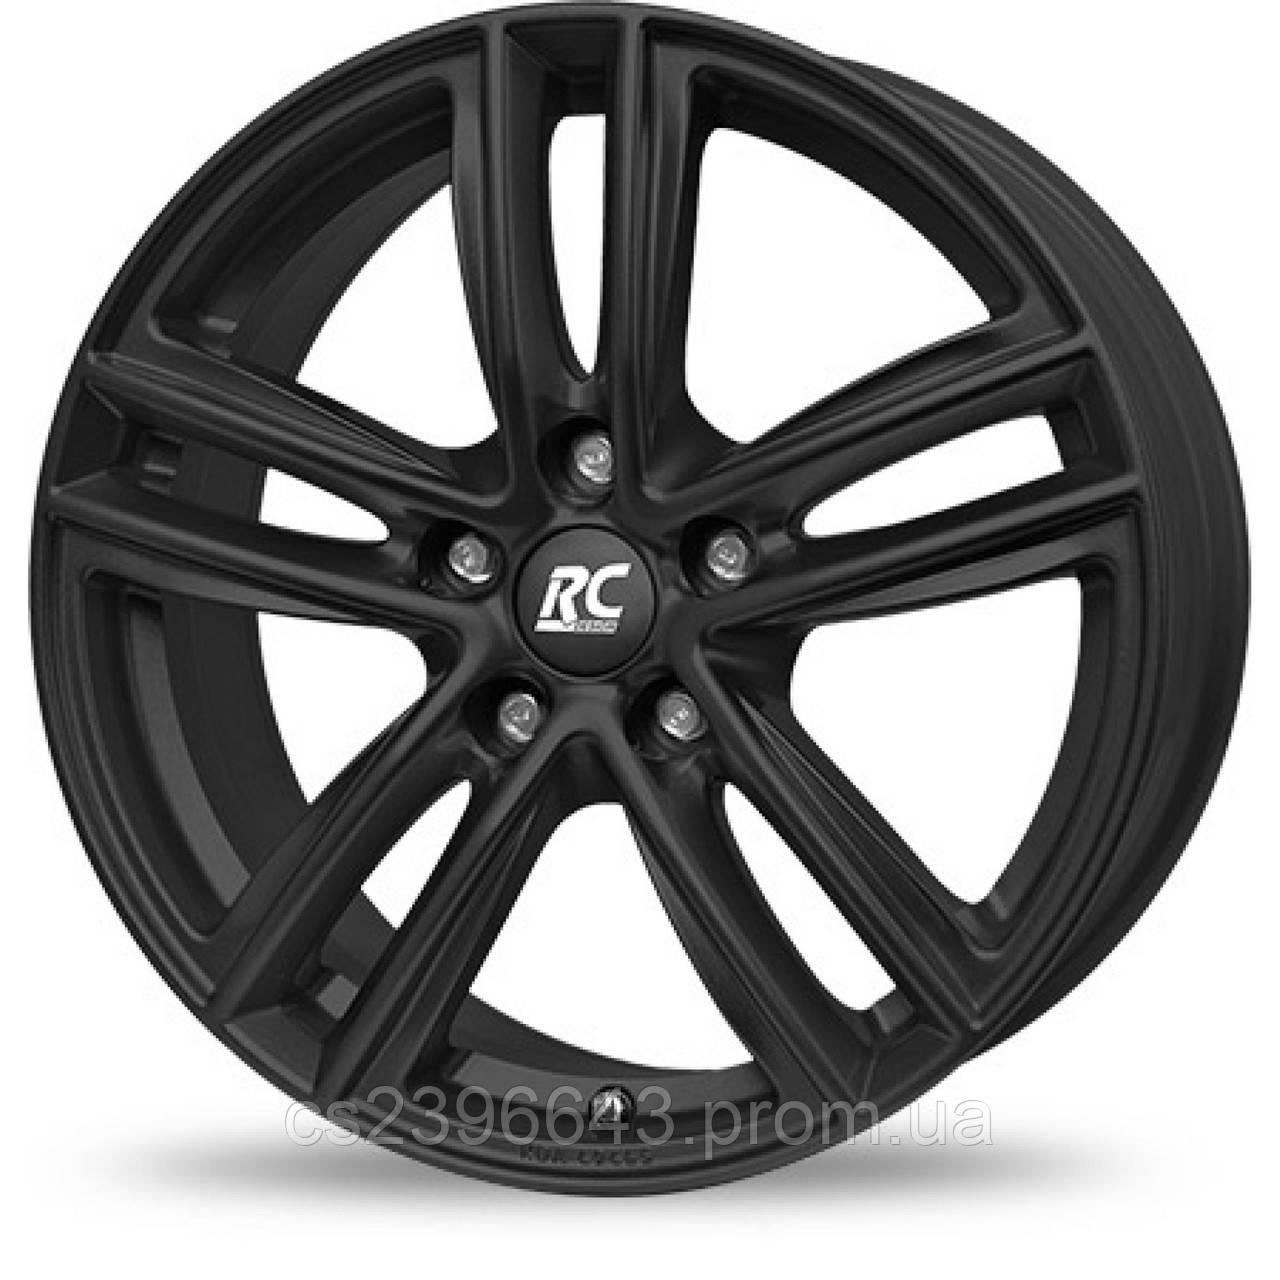 Колесный диск RC Design RC27 17x6,5 ET45